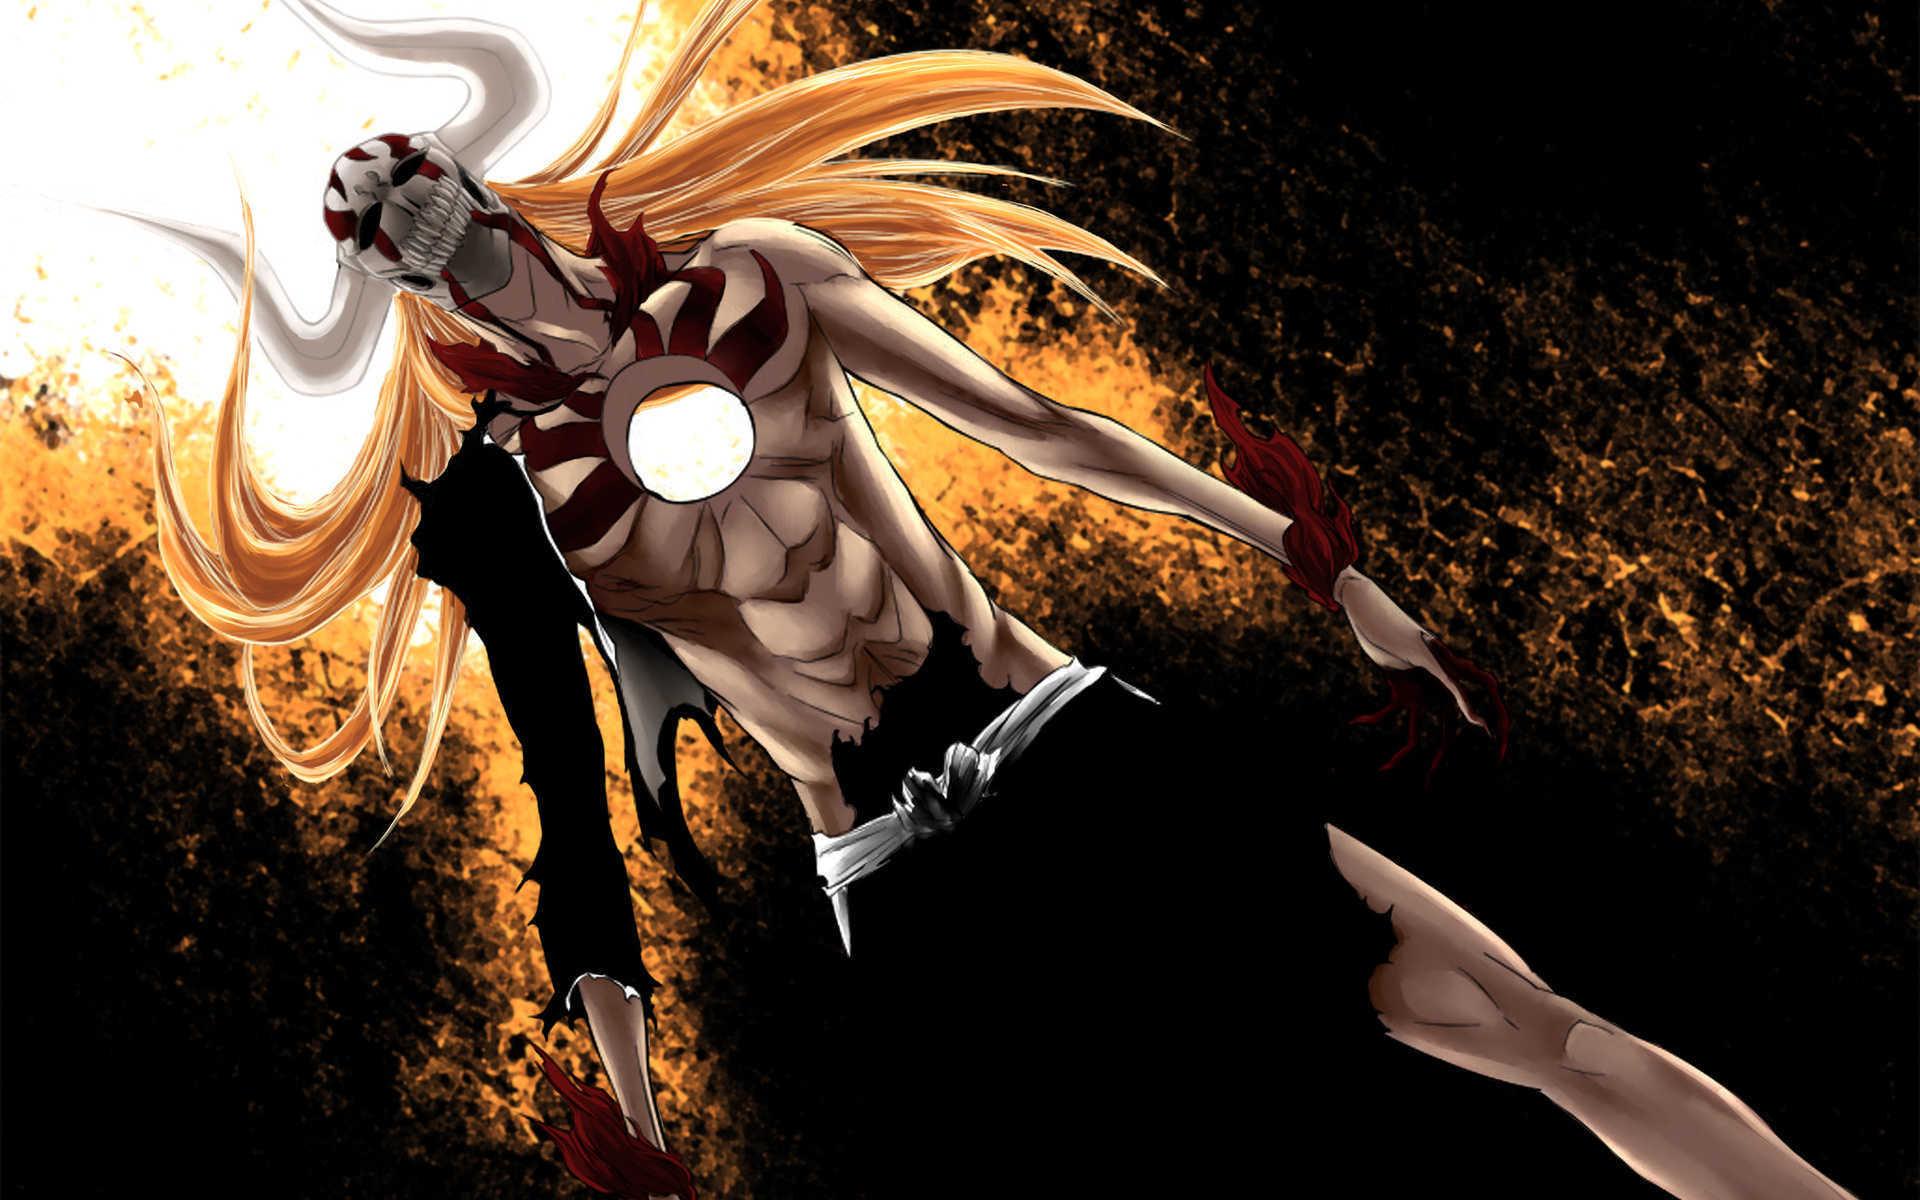 Anime Bleach Wallpaper Hd